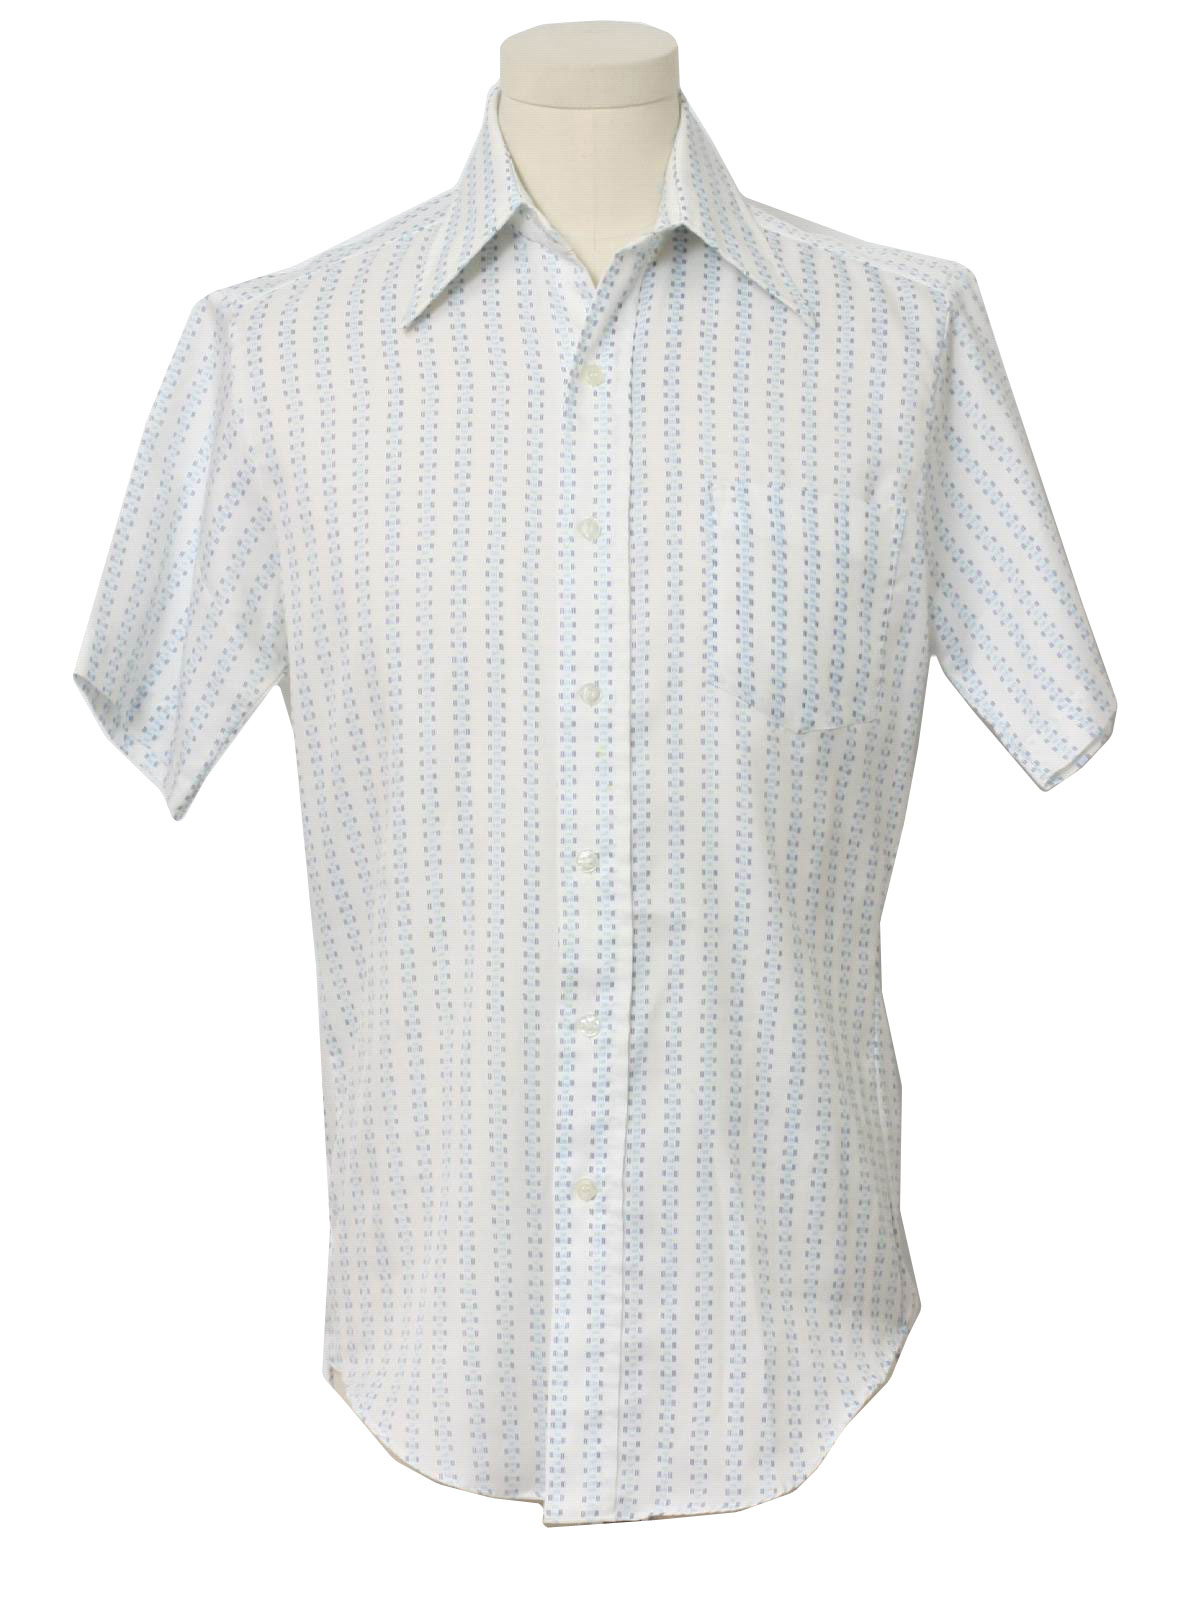 Patterned Dress Shirts Best Inspiration Design